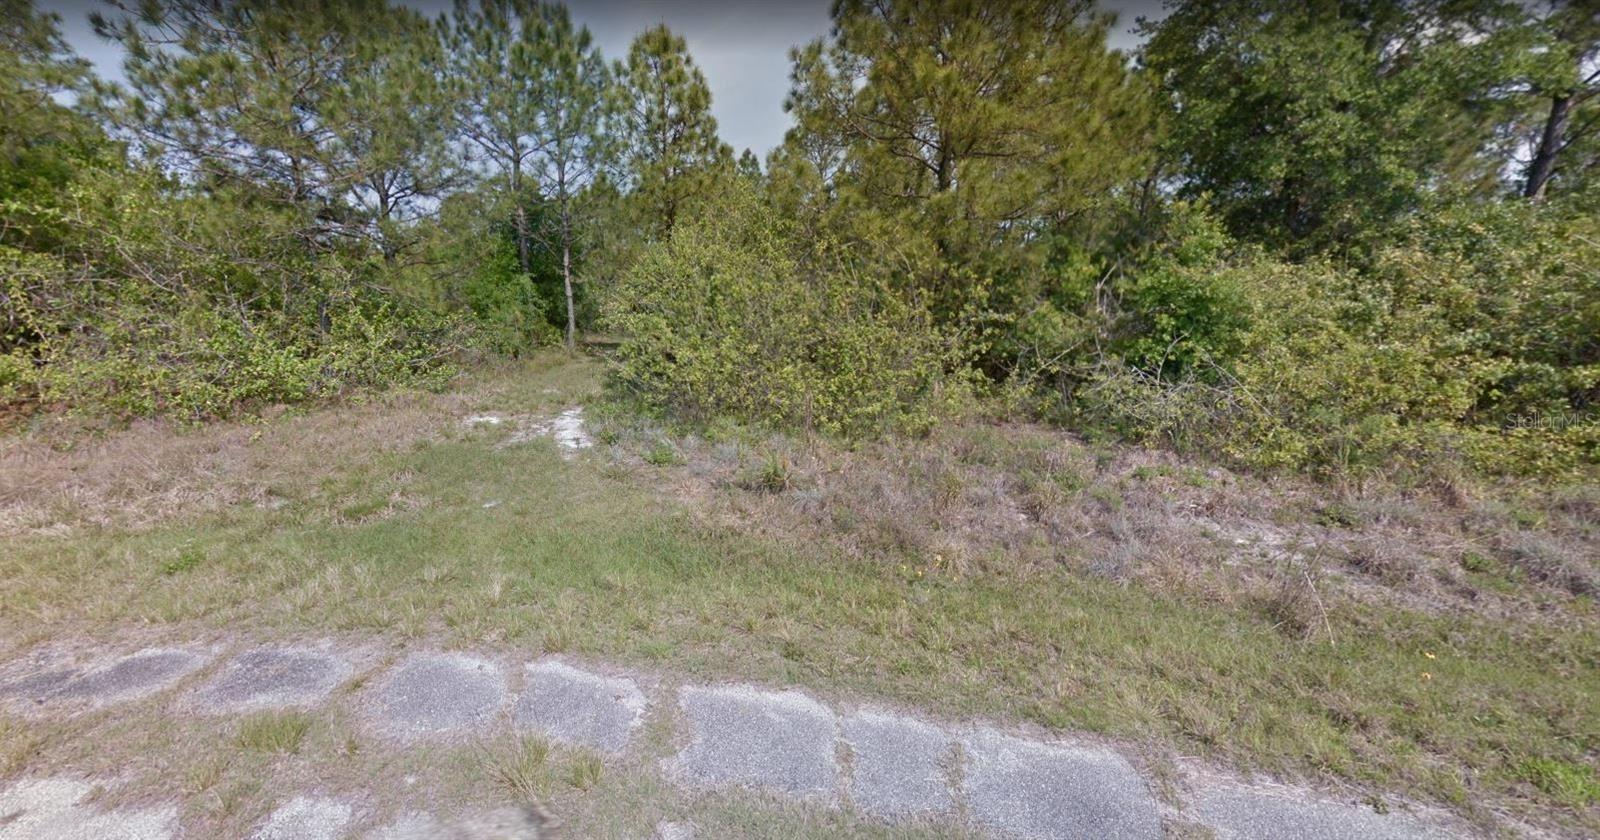 Photo of OBERON CIRCLE, NORTH PORT, FL 34288 (MLS # C7448948)